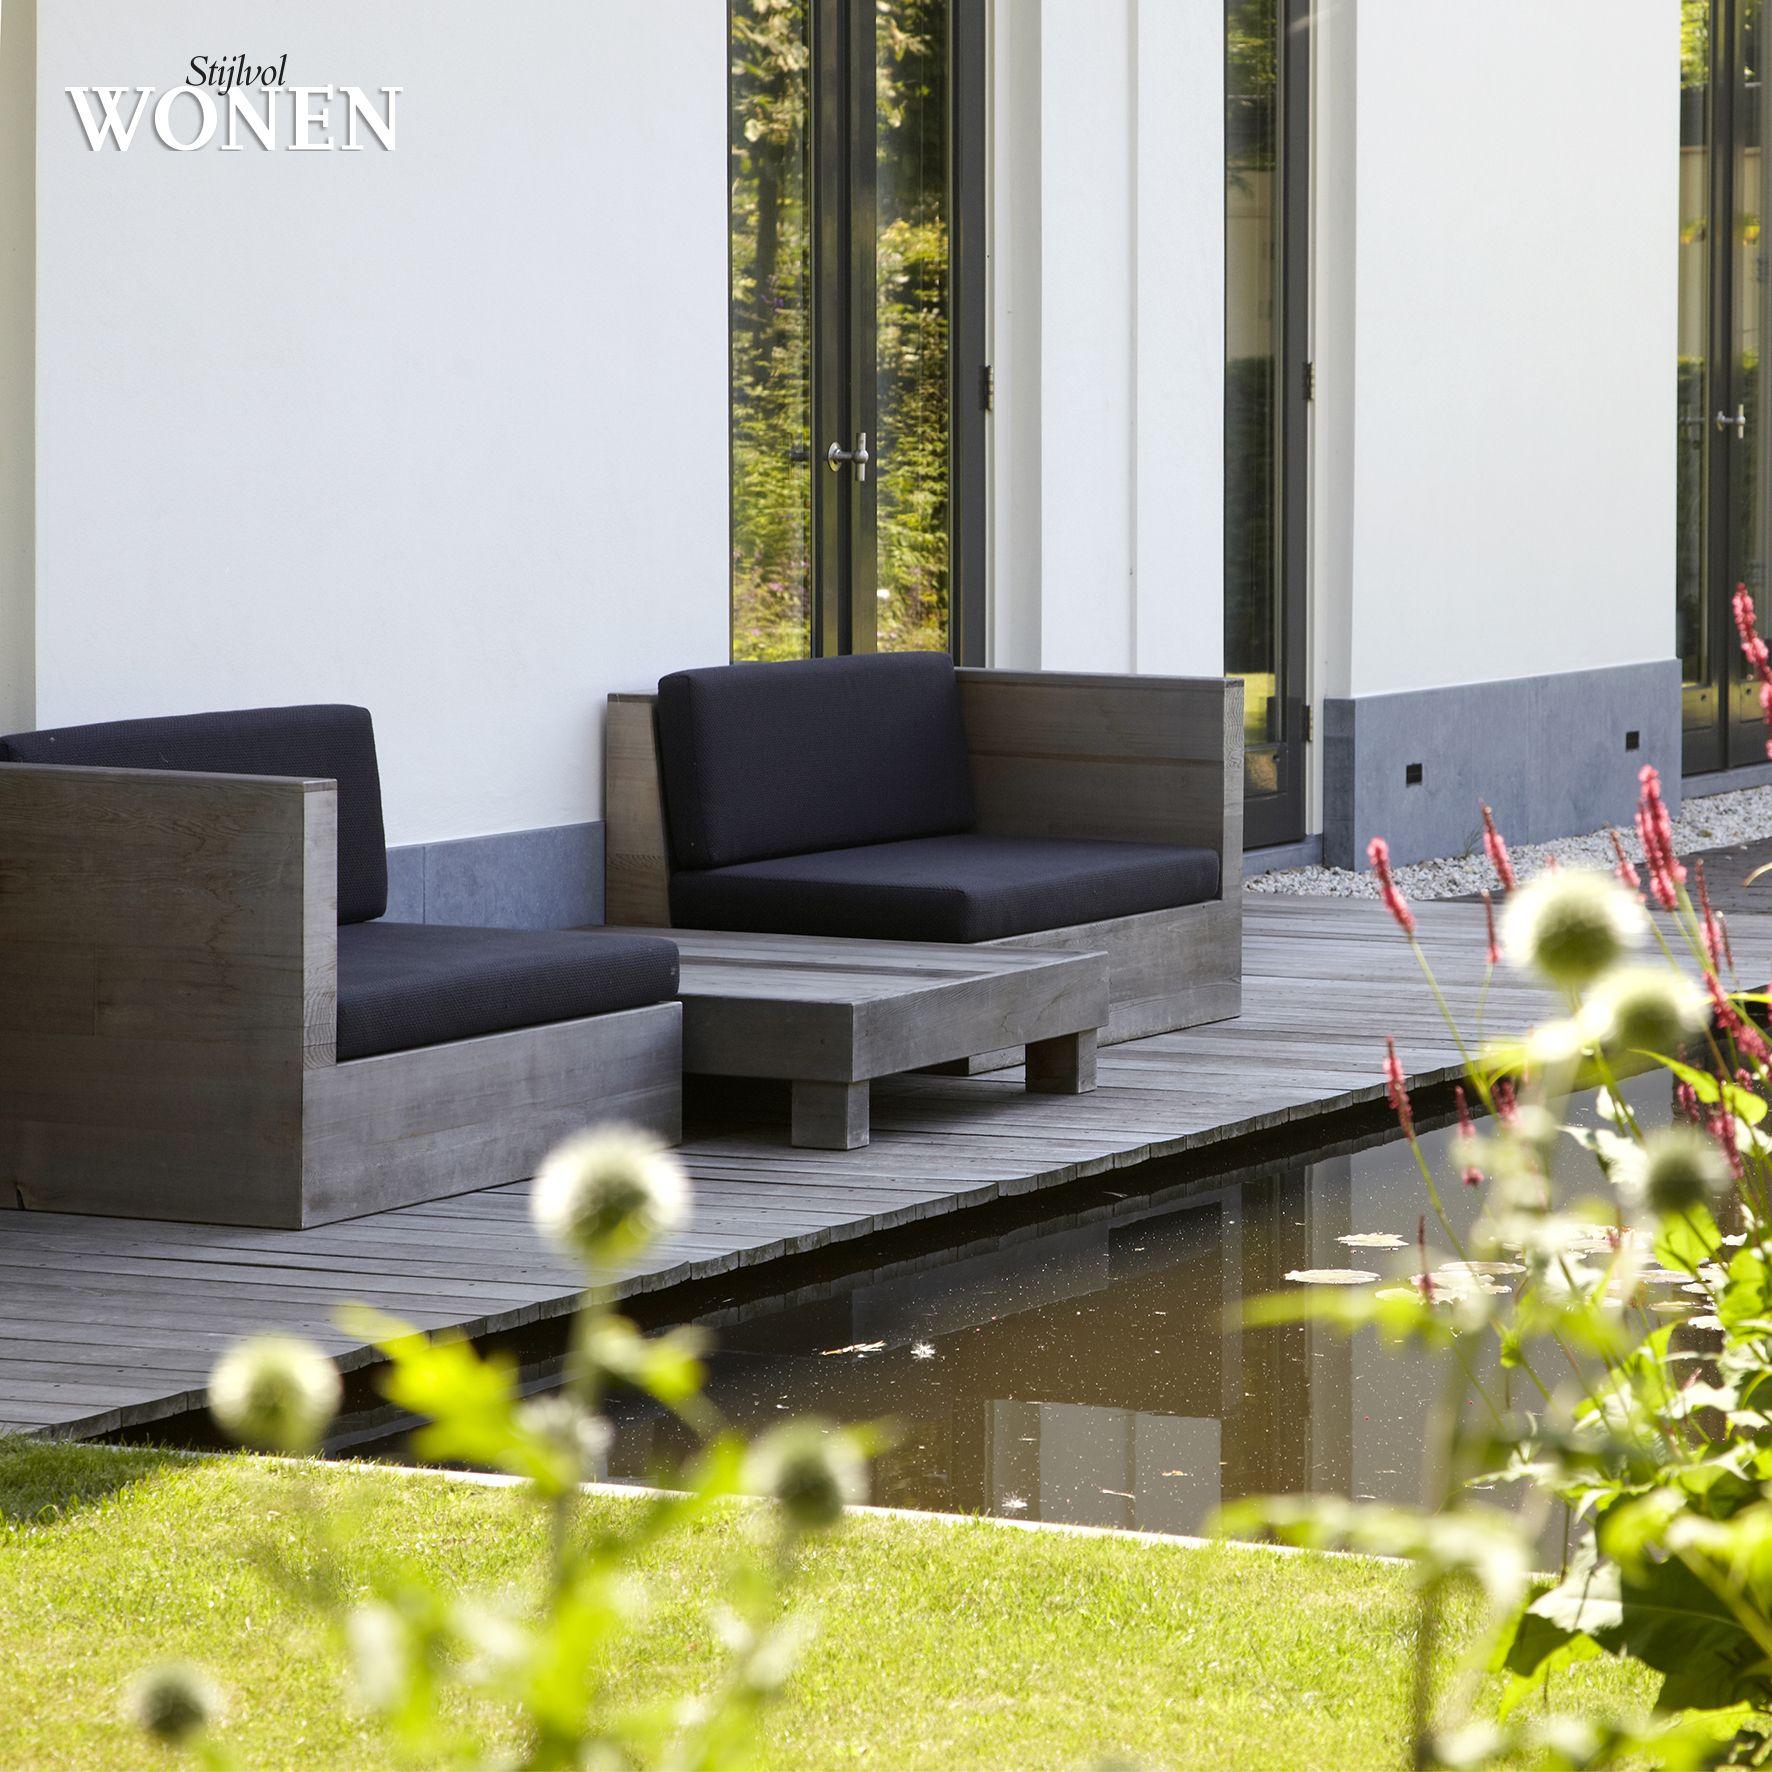 Stijlvol Wonen: het magazine voor warm-hedendaags wonen - ontwerp: De Rooy Hoveniers - fotografie: Sarah Van Hove, Dorien Ceulemans, Jonah Samyn #outdoor #terras #hout #planken #dek #vijver #steigerhout